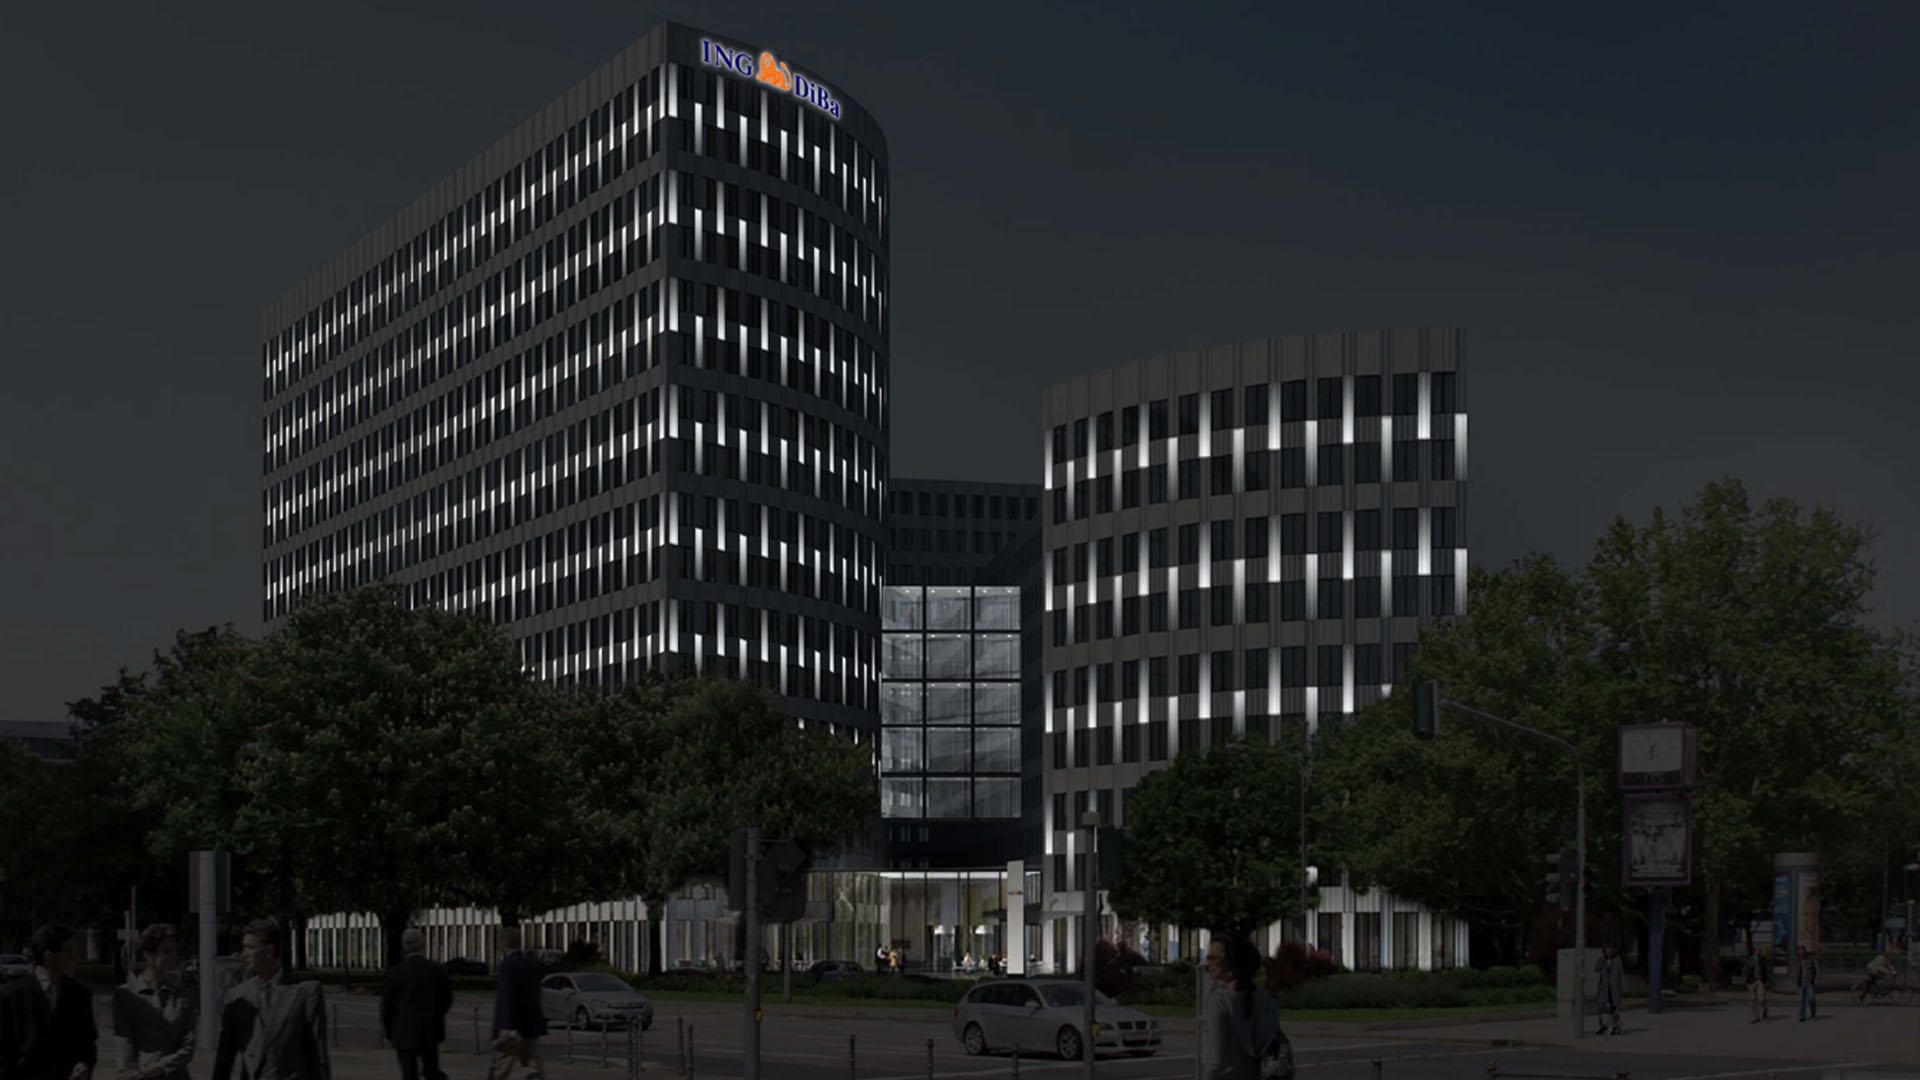 MAASS-Lichtplanung_Konzept Fassadenbeleuchtung ING-DiBa__MAASS-Poseidonhaus-002